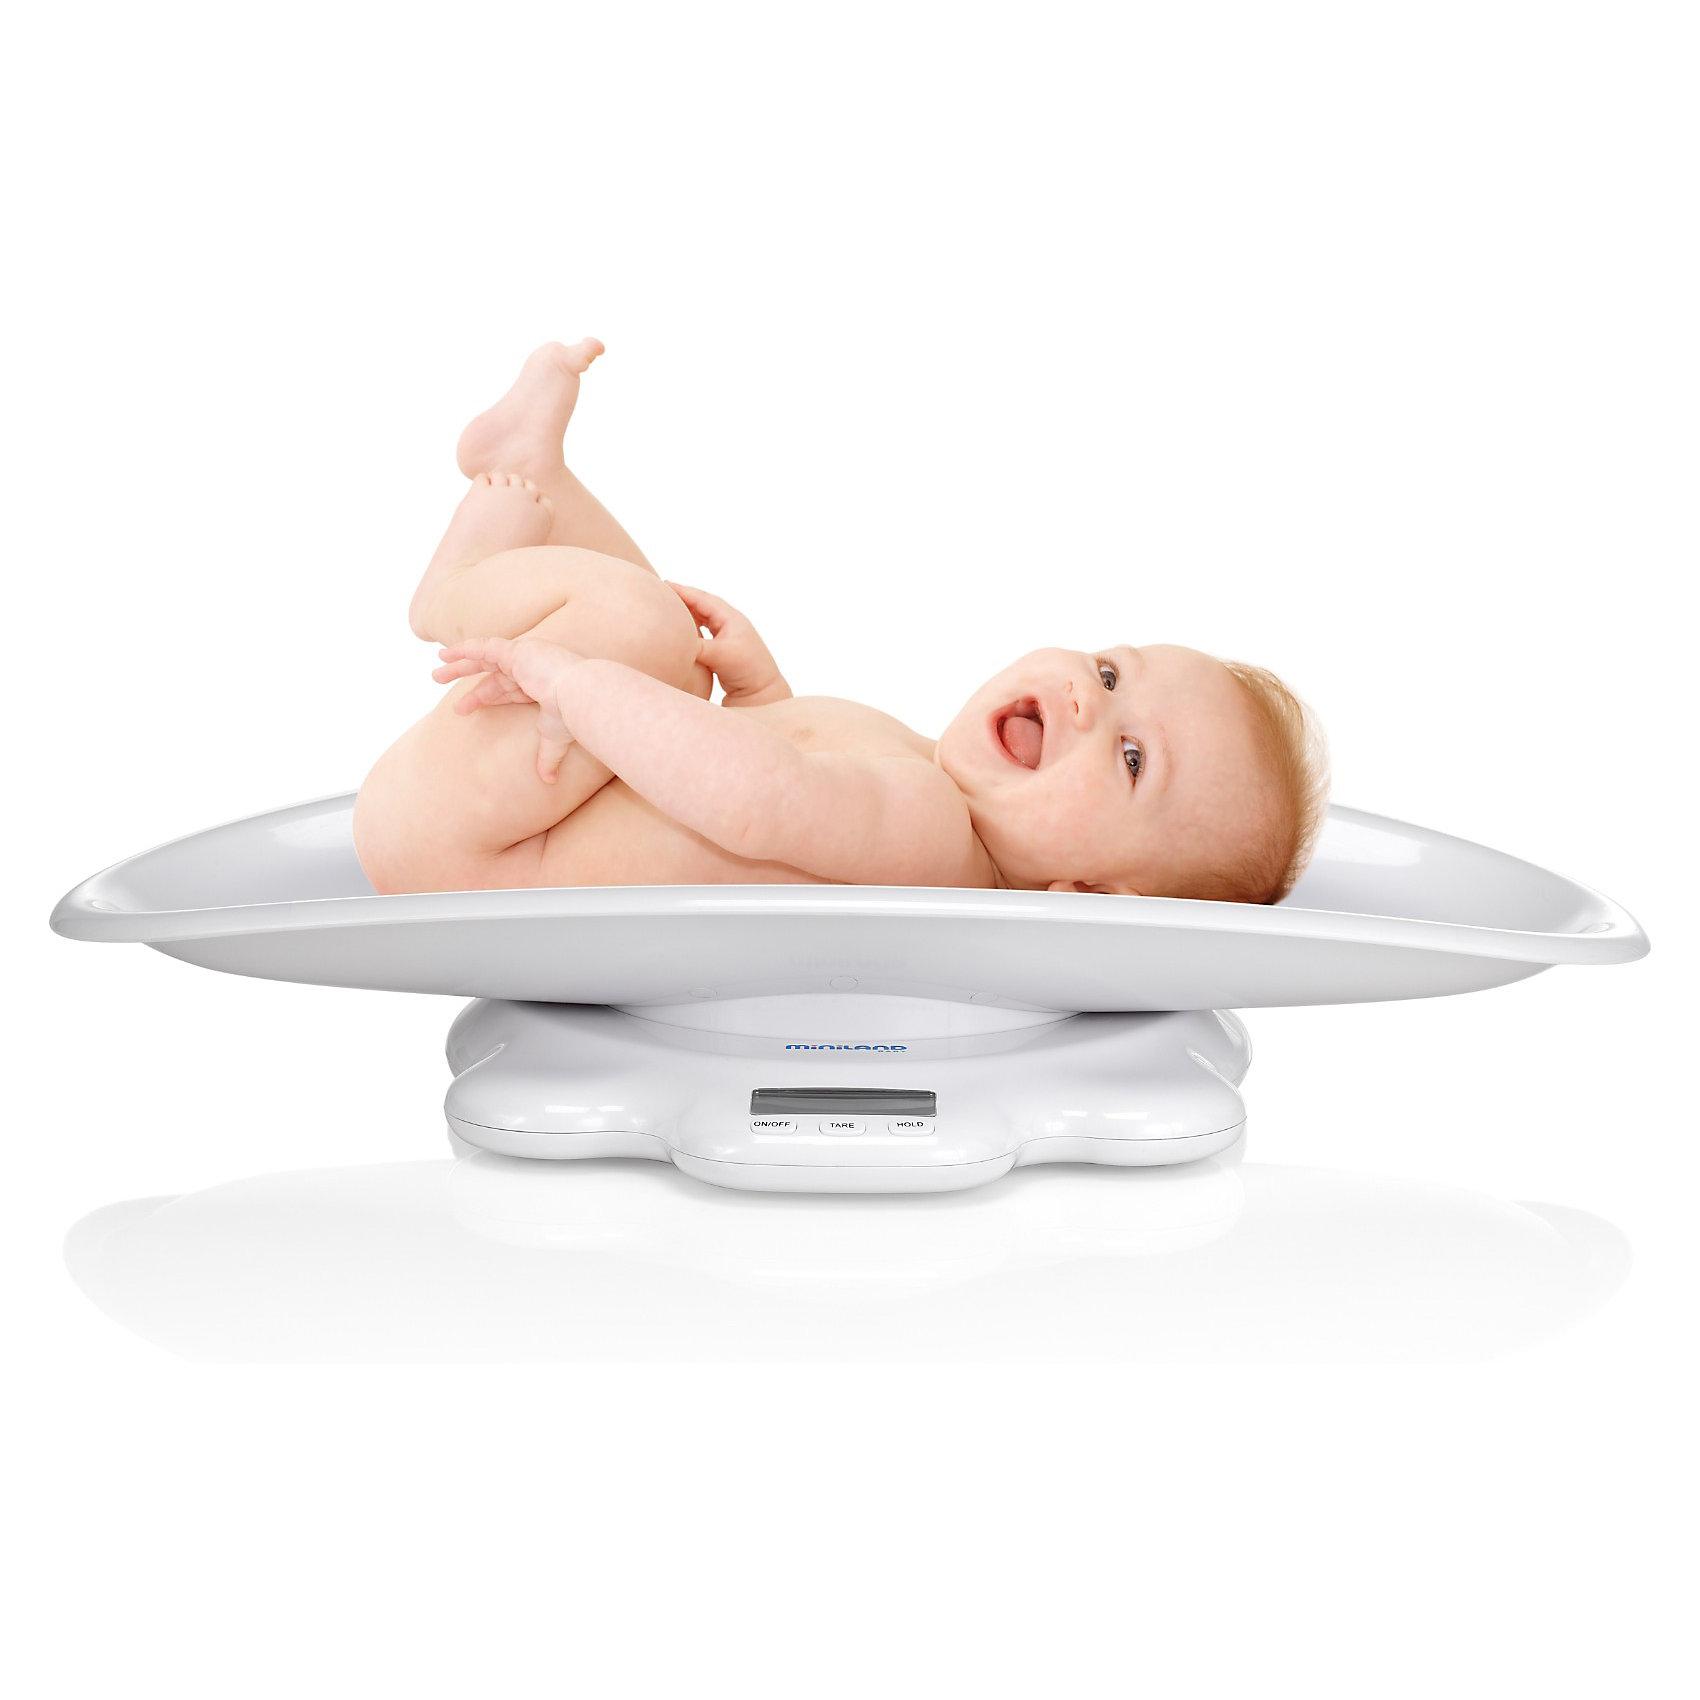 Весы детские со съемным лотком Scaly UP, MinilandДетская бытовая техника<br>Детские электронные весы Scaly Up предназначены для детей от рождения и до подросткового возраста. В возрасте до 1 года очень важно следить за весом младенца - ведь это основной показатель его здоровья. Благодаря съемному лотку вы сможете следить за весом вашего новорожденного ребенка, и продолжить использование детских весов без лотка, когда ваш малыш подрастет.<br><br>Основные характеристики детских электронных весов Scaly Up:<br><br>- В Miniland Scaly Up существует функция ТАРА, которая позволяет взвешивать дополнительные предметы.<br>- Весы помнят данные последнего измерения.<br>- Чтобы снять лоток, необходимо повернуть переключатель, находящийся под весами. <br>- Съемный лоток позволяет использовать весы с рождения малыша и до подросткового возраста<br>- Снабжены электронным дисплеем<br>- Осуществляют измерения в диапазоне от 0 до 50 кг<br>- Результат последнего взвешивания сохраняется в памяти<br><br>Габариты ( В х Ш х Г ), см: 65x39x13 см  <br>Вес изделия, кг: 2,725 кг  <br>Объём транспортной упаковки, м3: 0,0774<br><br>Ширина мм: 658<br>Глубина мм: 393<br>Высота мм: 138<br>Вес г: 2619<br>Возраст от месяцев: 0<br>Возраст до месяцев: 36<br>Пол: Унисекс<br>Возраст: Детский<br>SKU: 2153900